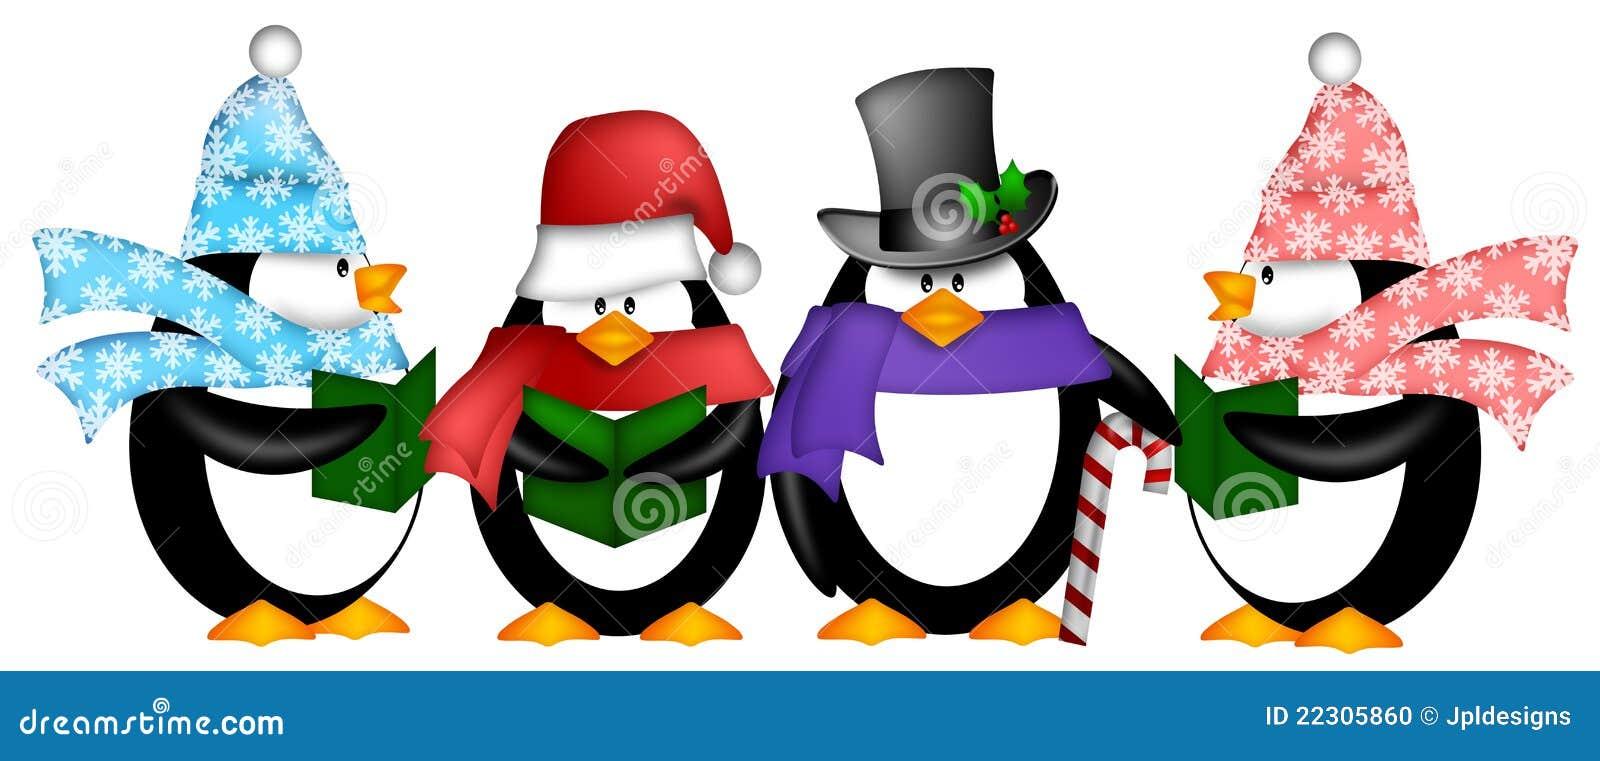 颂歌动画片圣诞节clipart企鹅唱歌